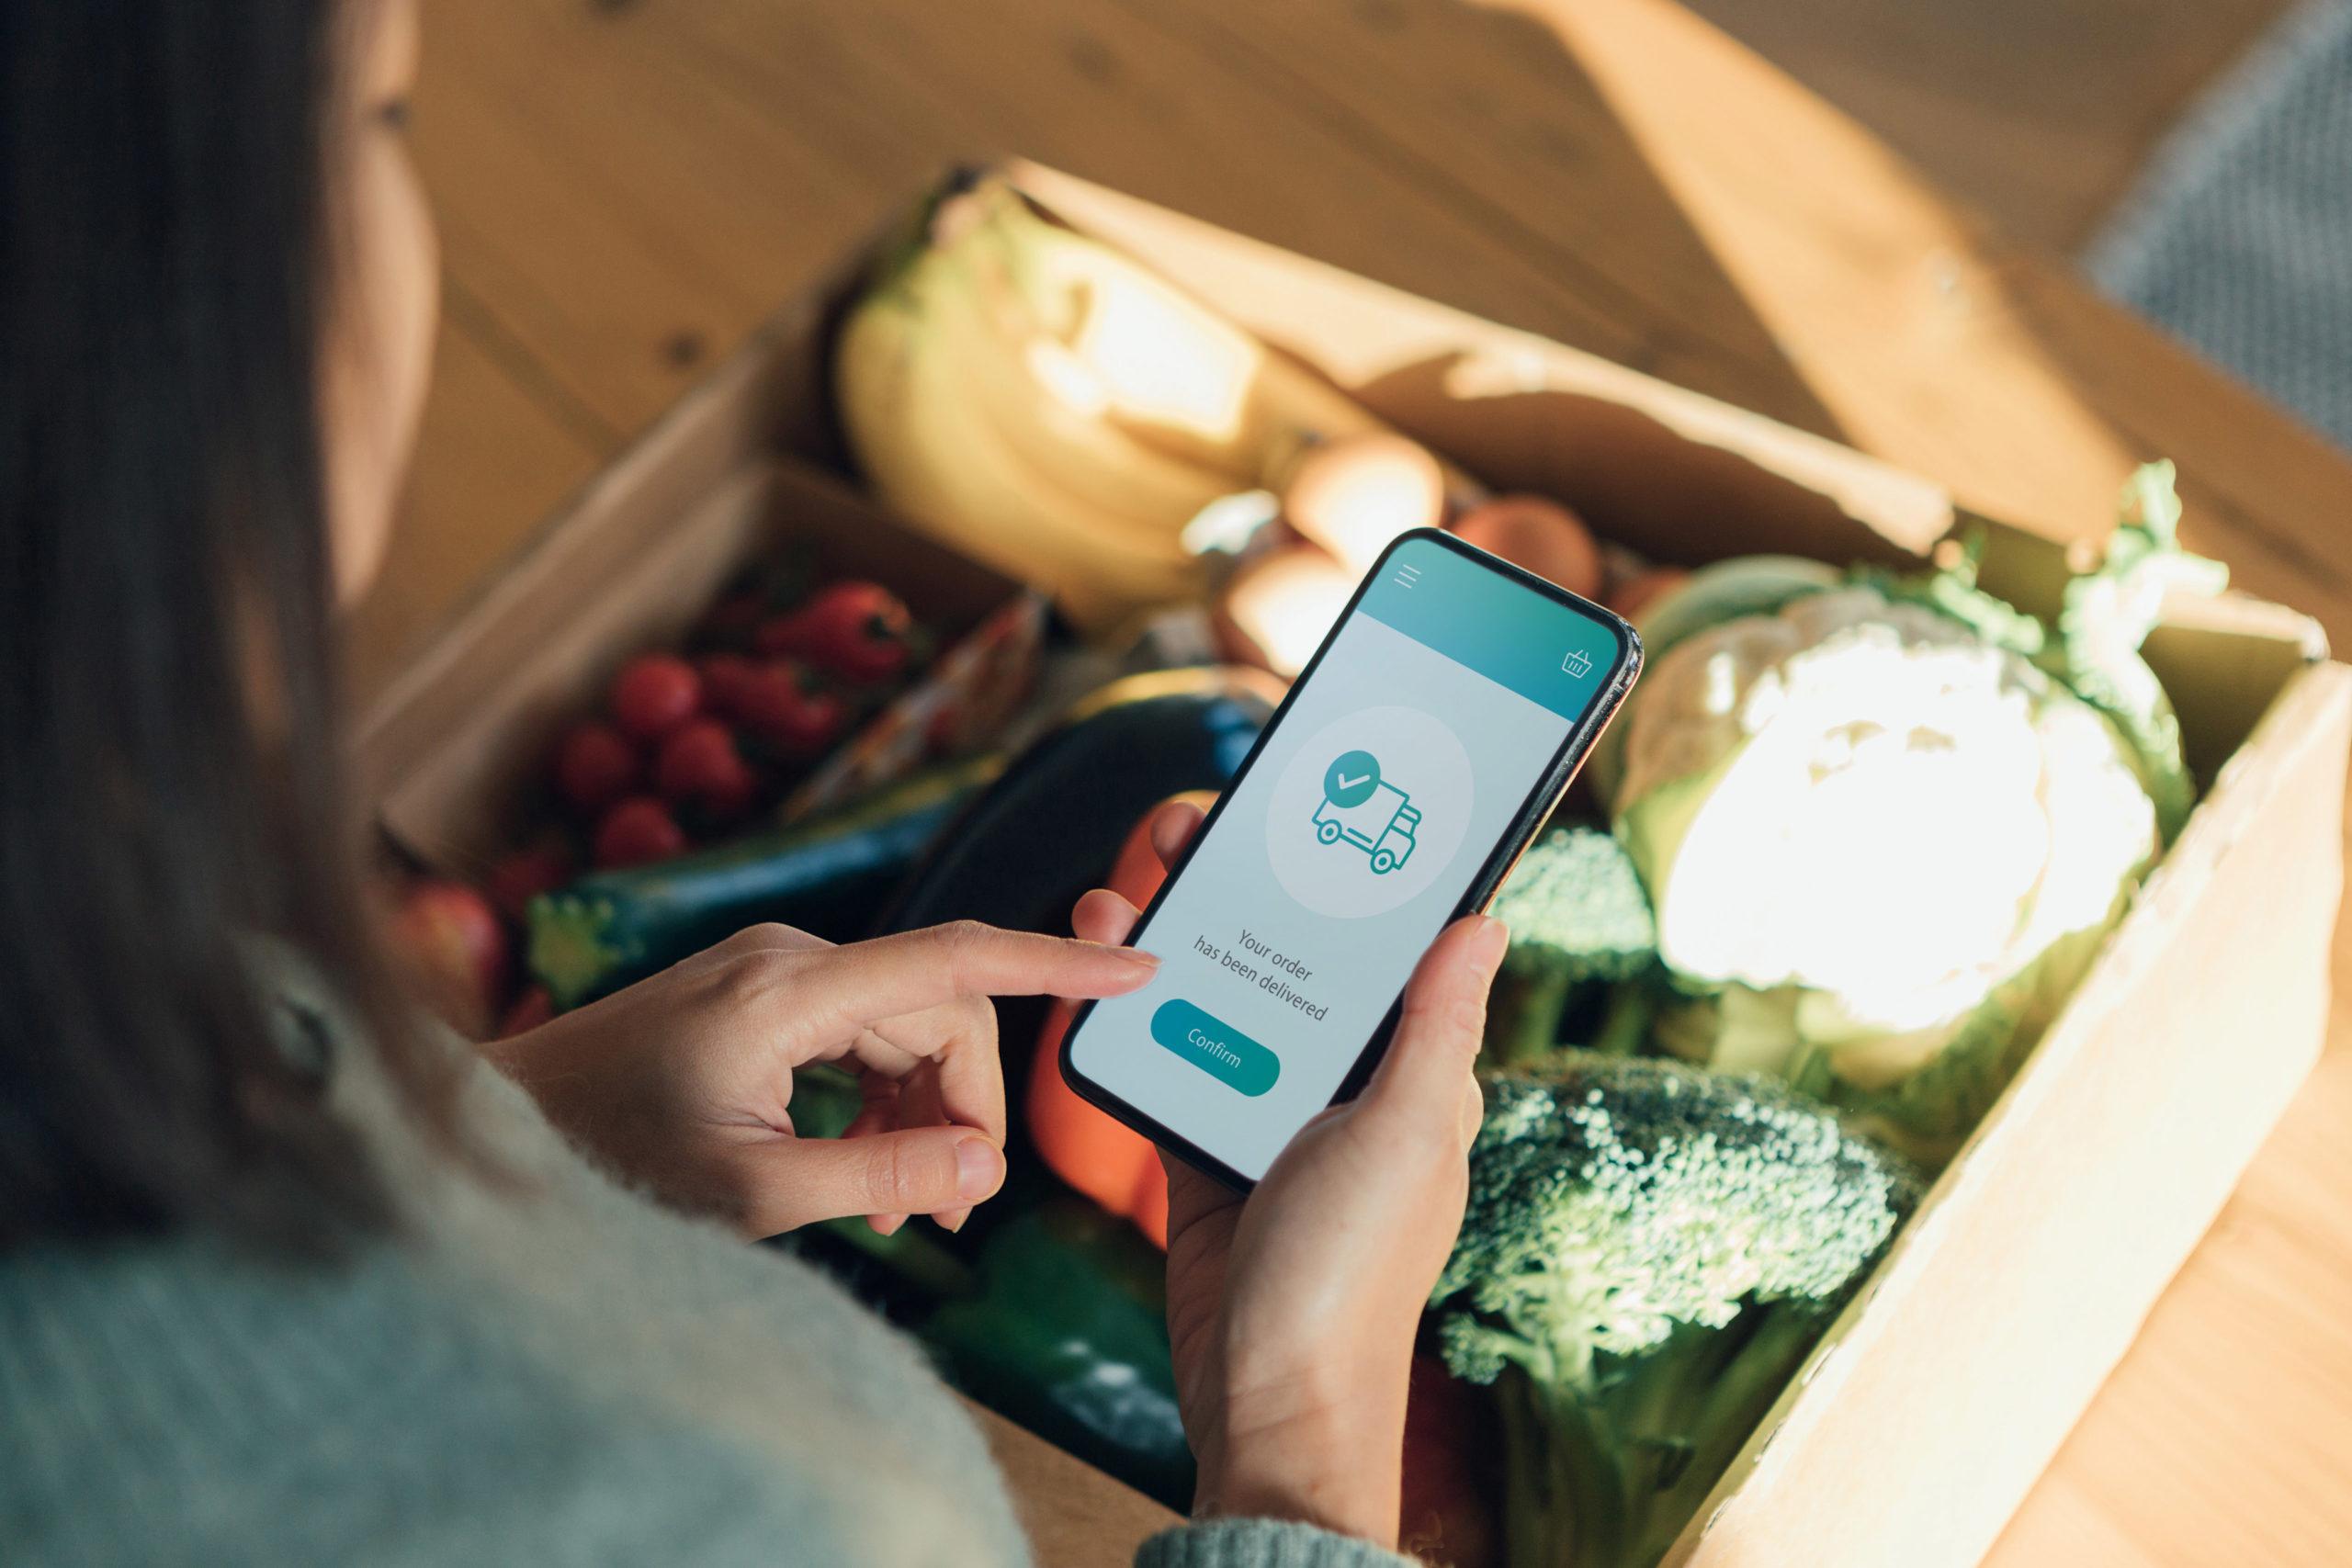 Новое исследование: Как потребители по-разному взаимодействуют с маркетингом во время пандемии